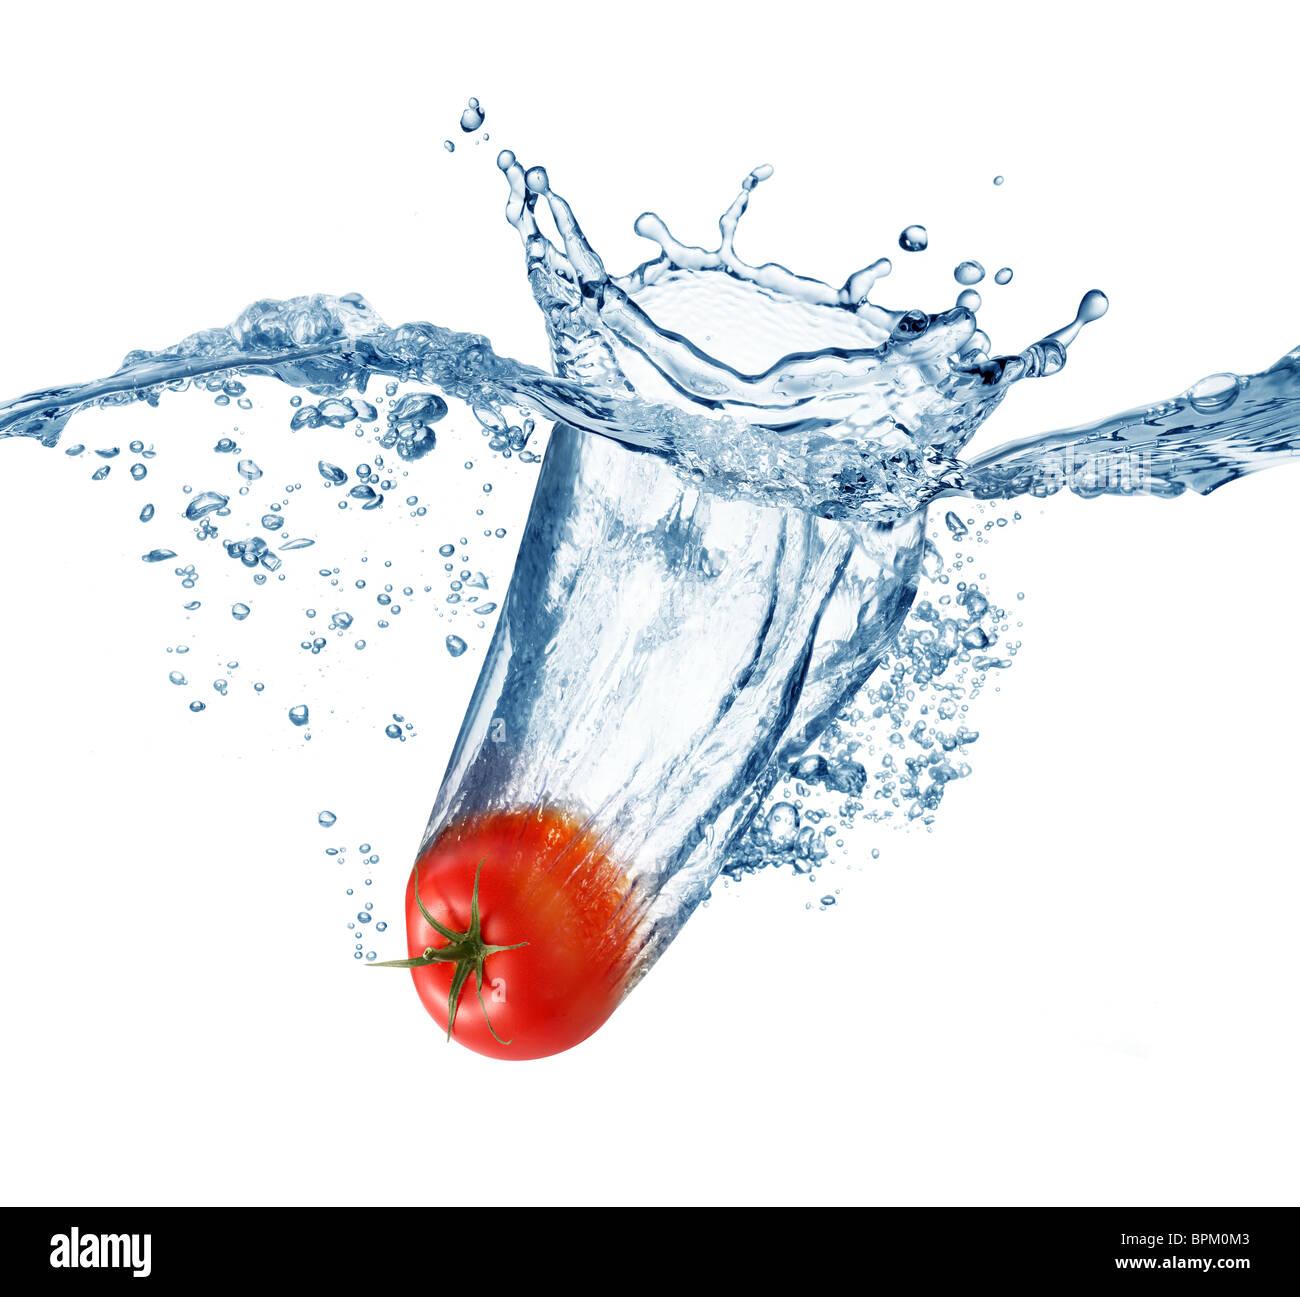 Pomodoro maturo cade profondamente sotto l'acqua con un grande splash. Immagini Stock